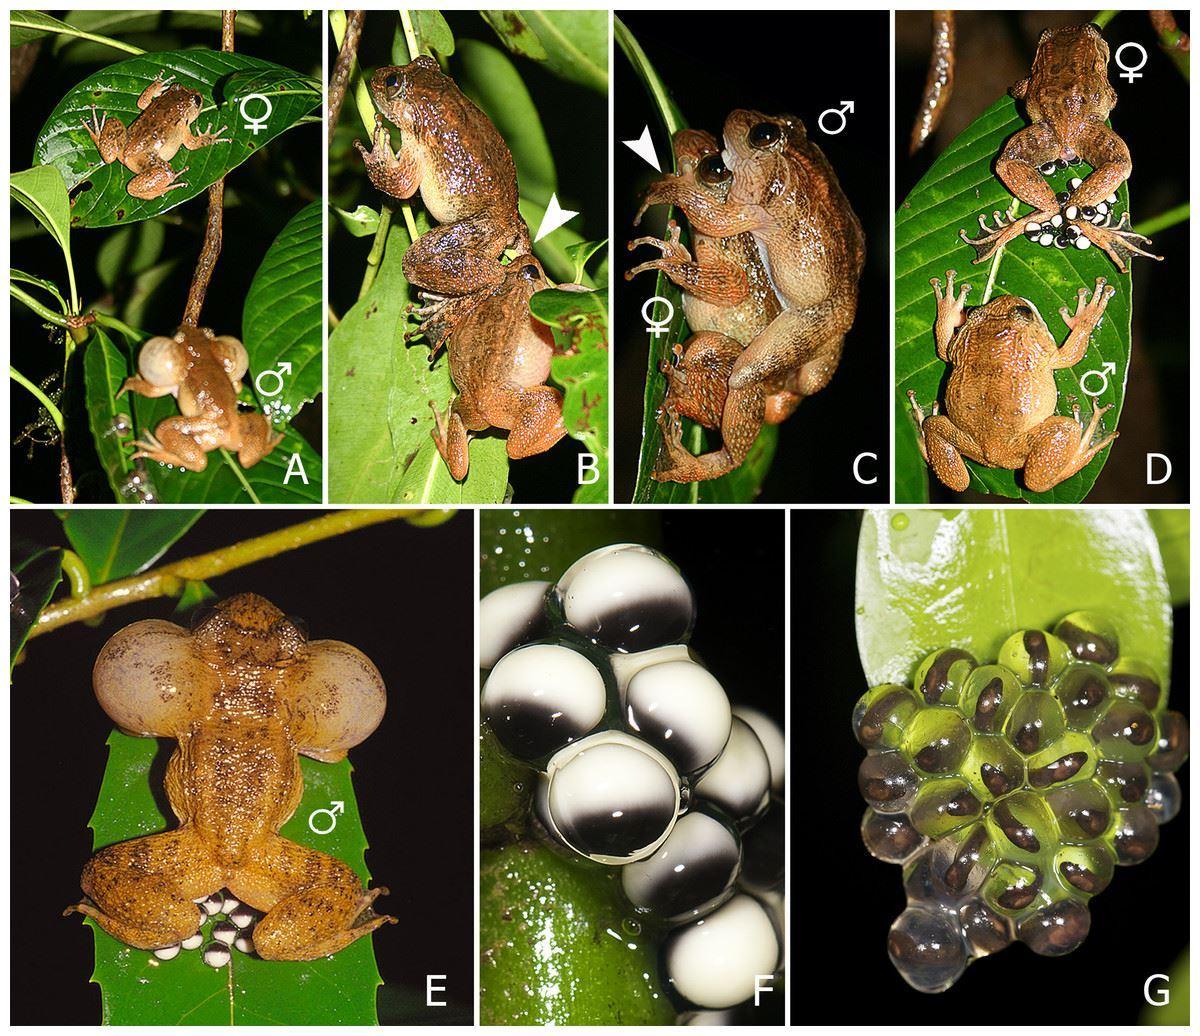 у лягушек обнаружили седьмой способ оплодотворения